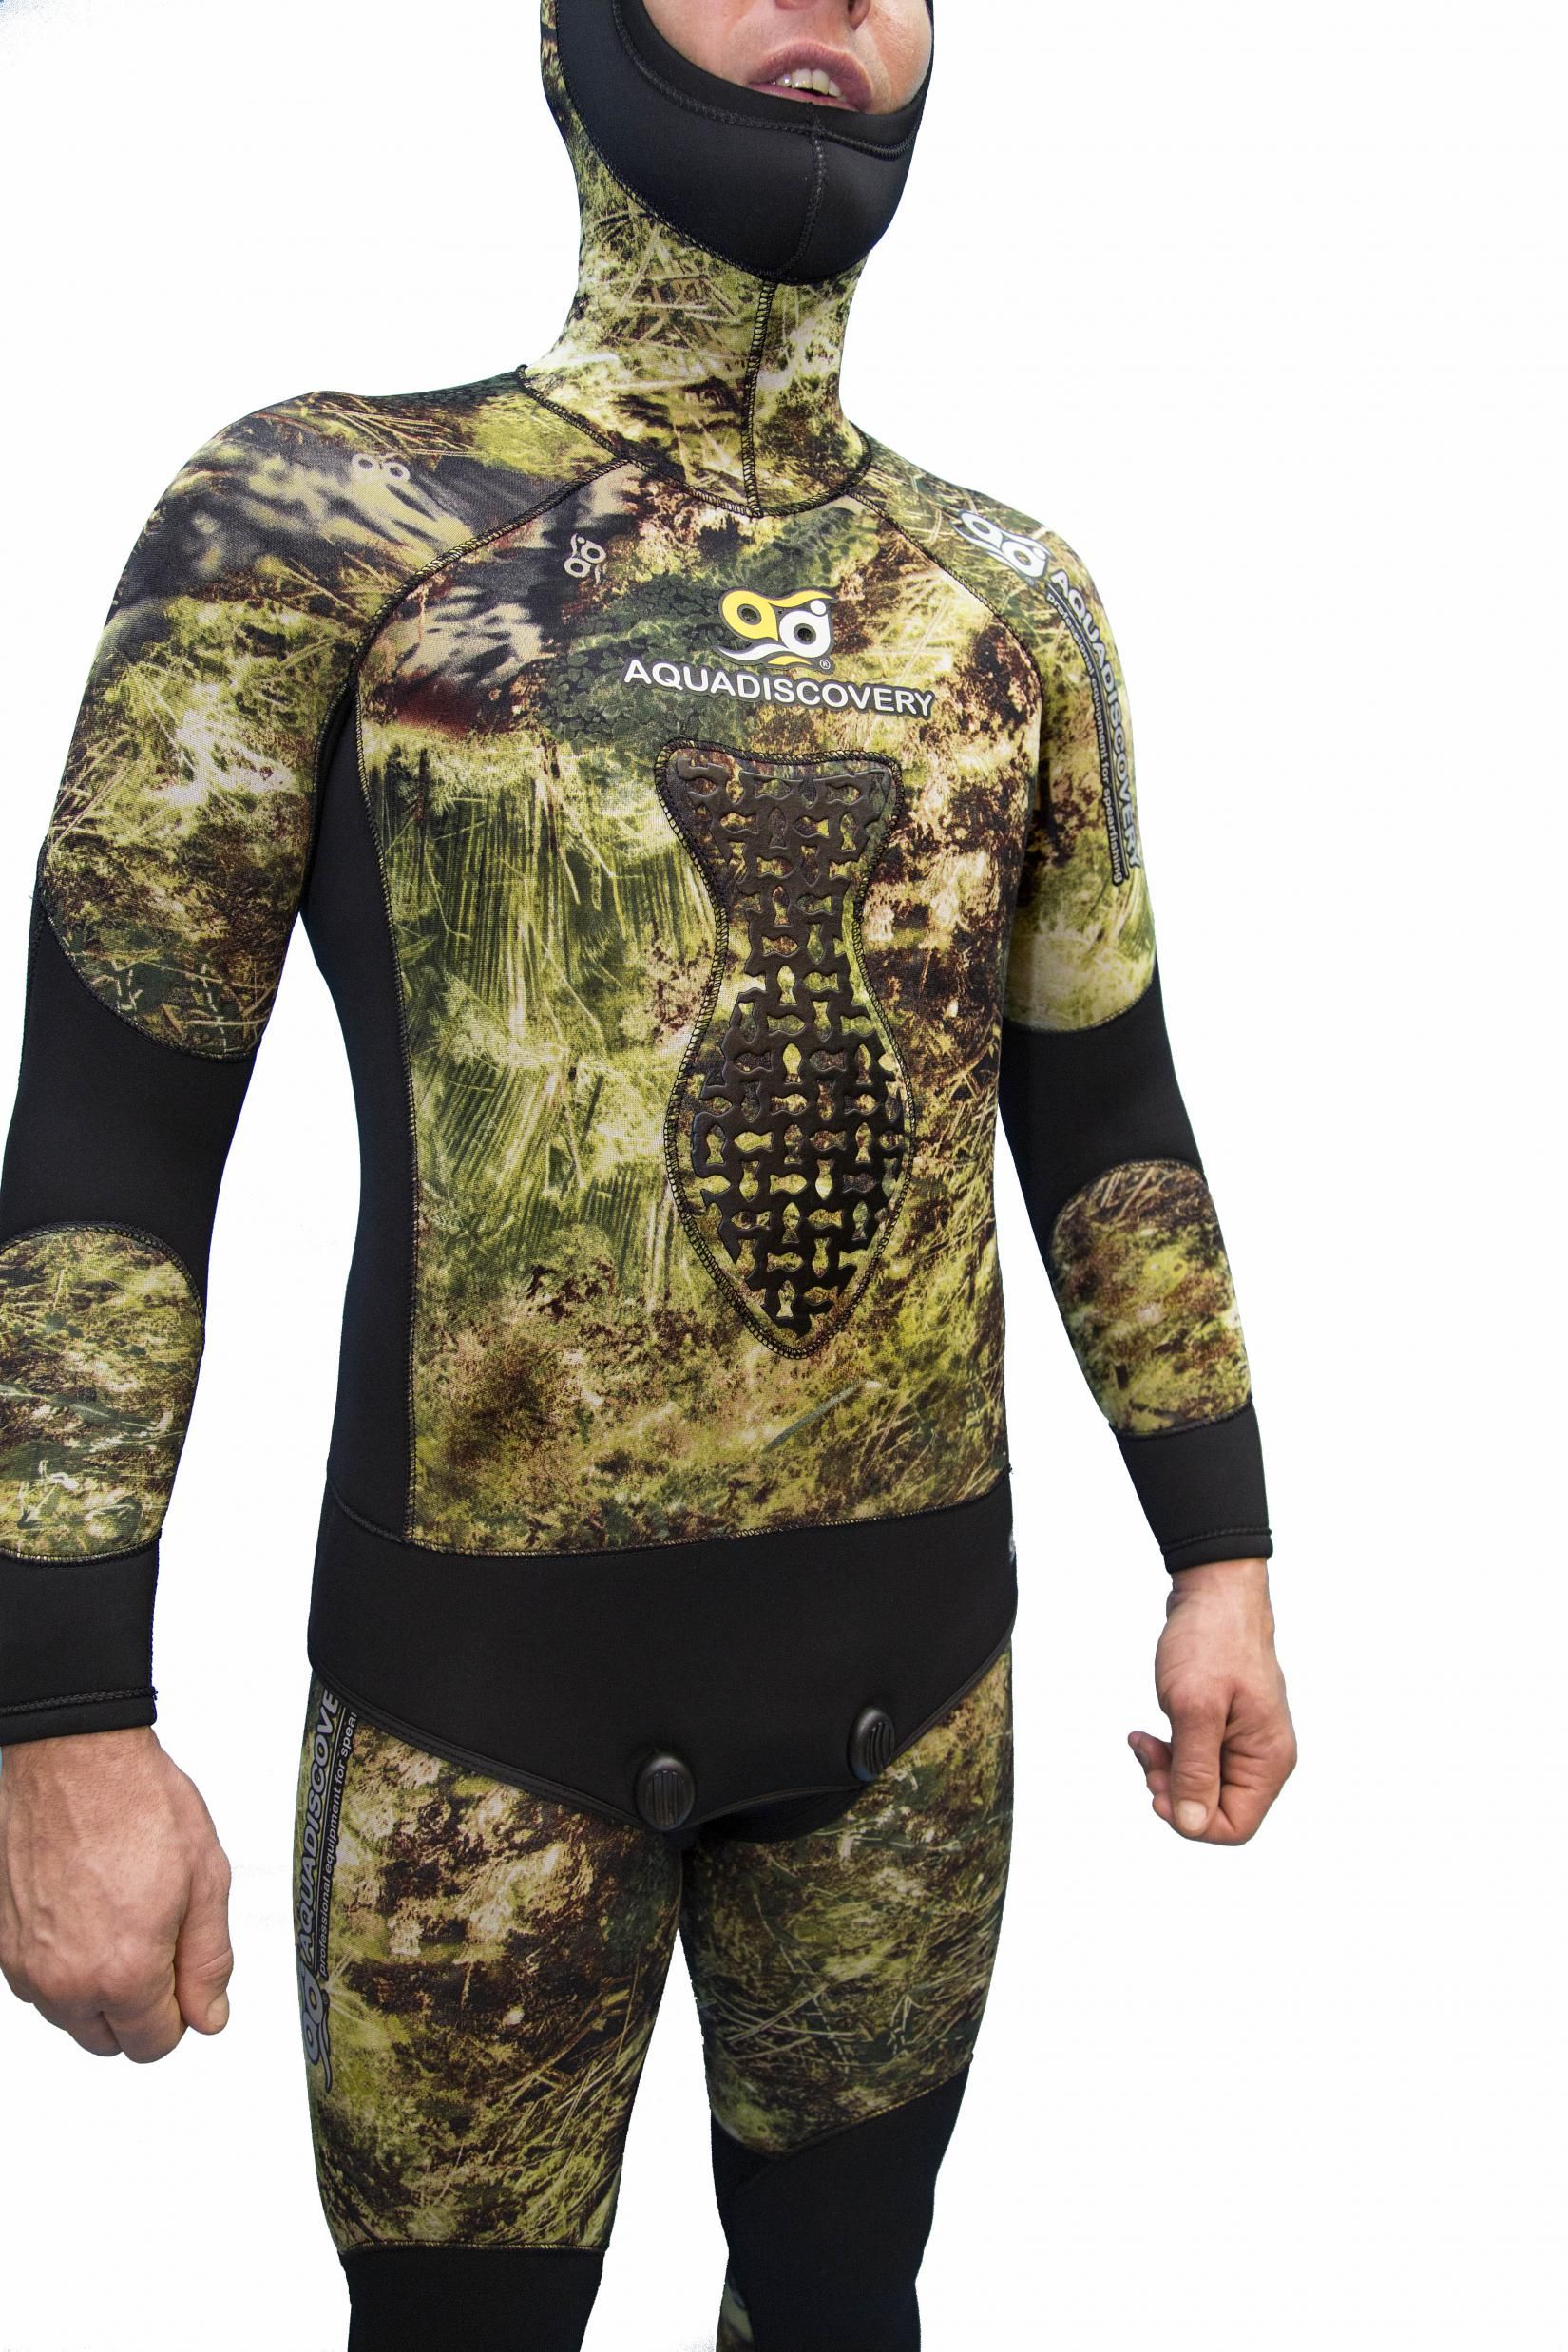 Куртка От Гидрокостюма Для Подводной Охоты Aquadiscovery Волга Camo 3D 5 Мм